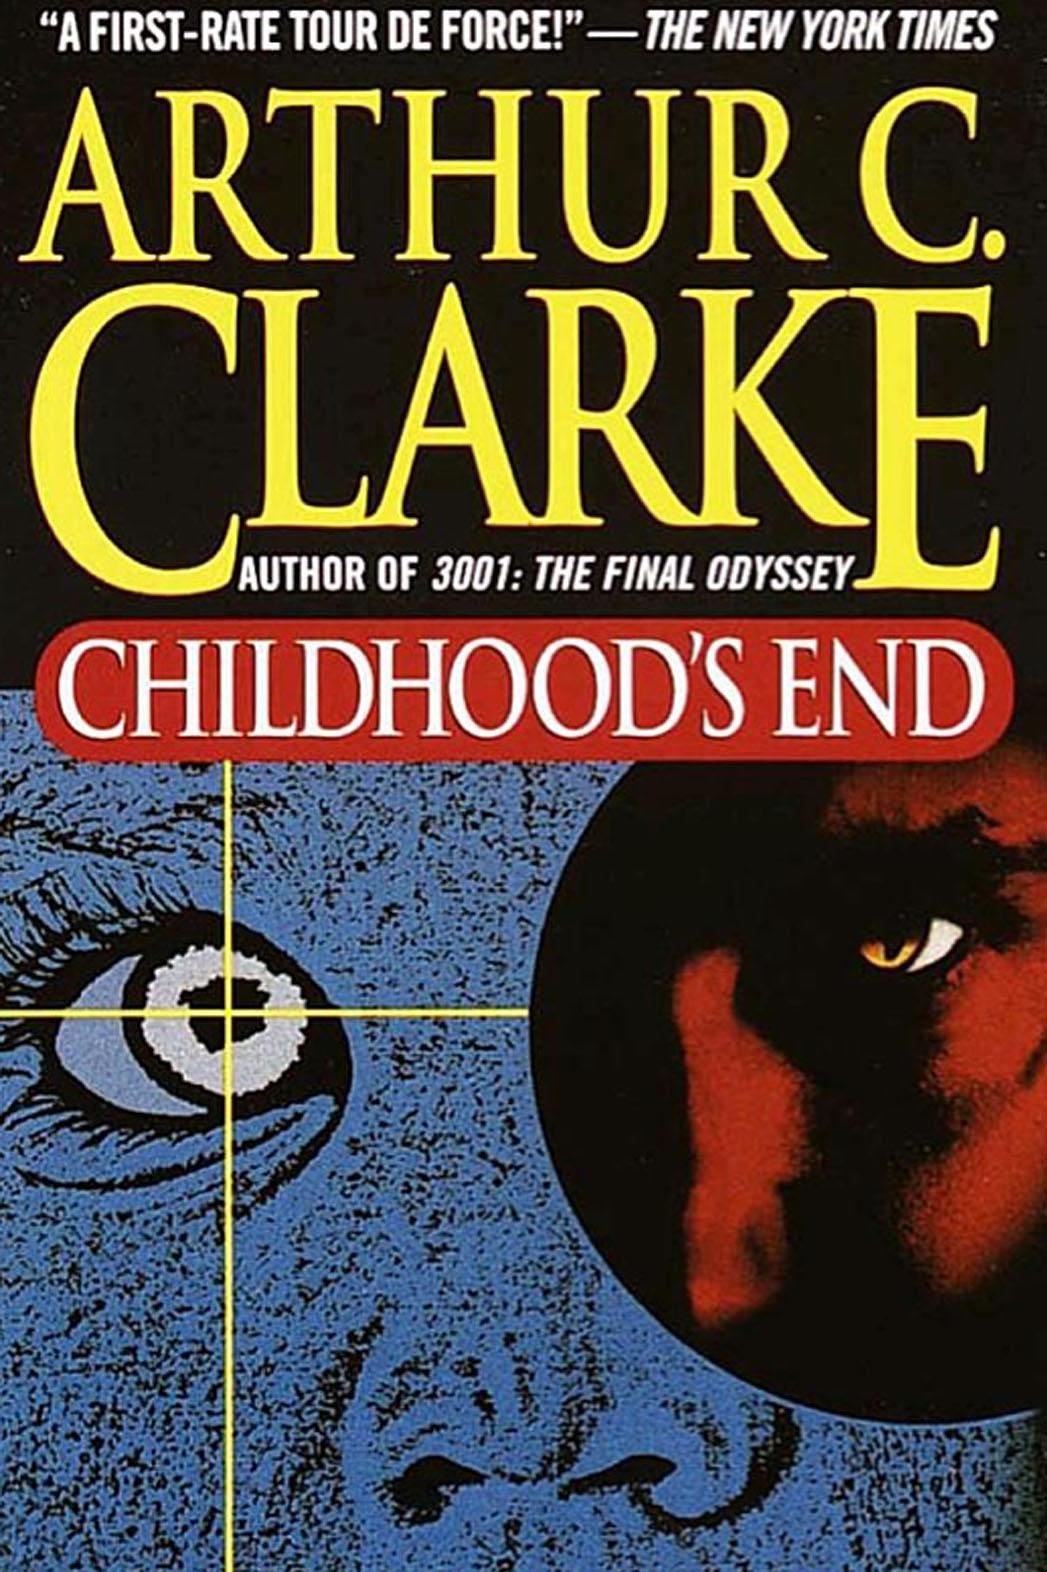 Childhood's End Arthur C. Clark - P 2014